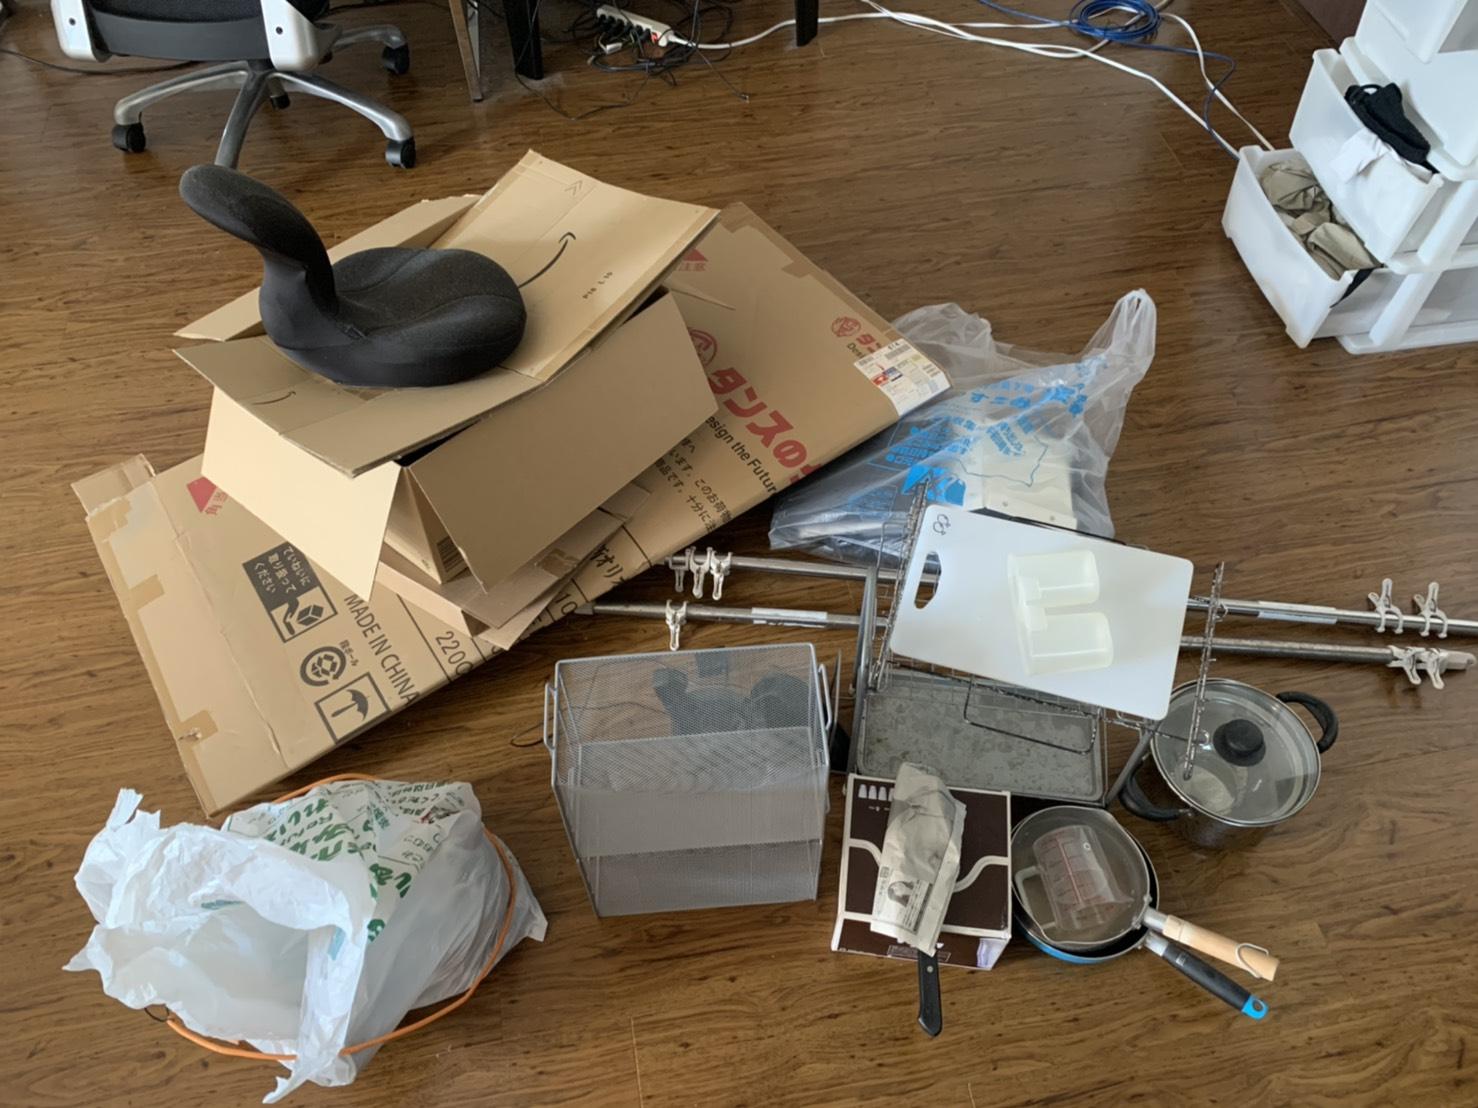 料理器具、座椅子の回収前